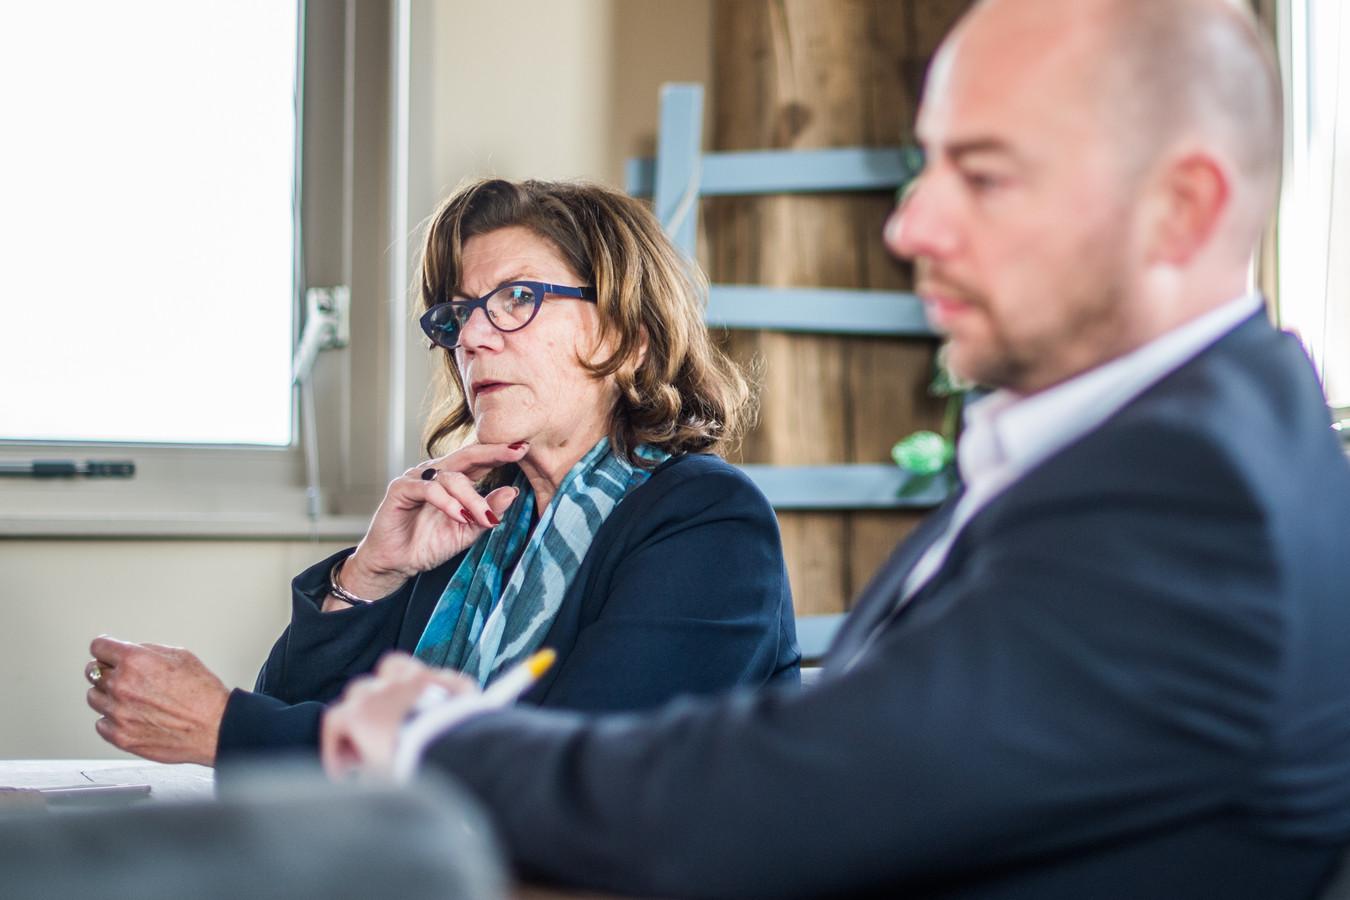 Bestuursleden Thea Holtman en Alex Hesse van de Albero Zorggroep hebben een eind gemaakt aan de winstuitkeringen voor aandeelhouders van het bedrijf.